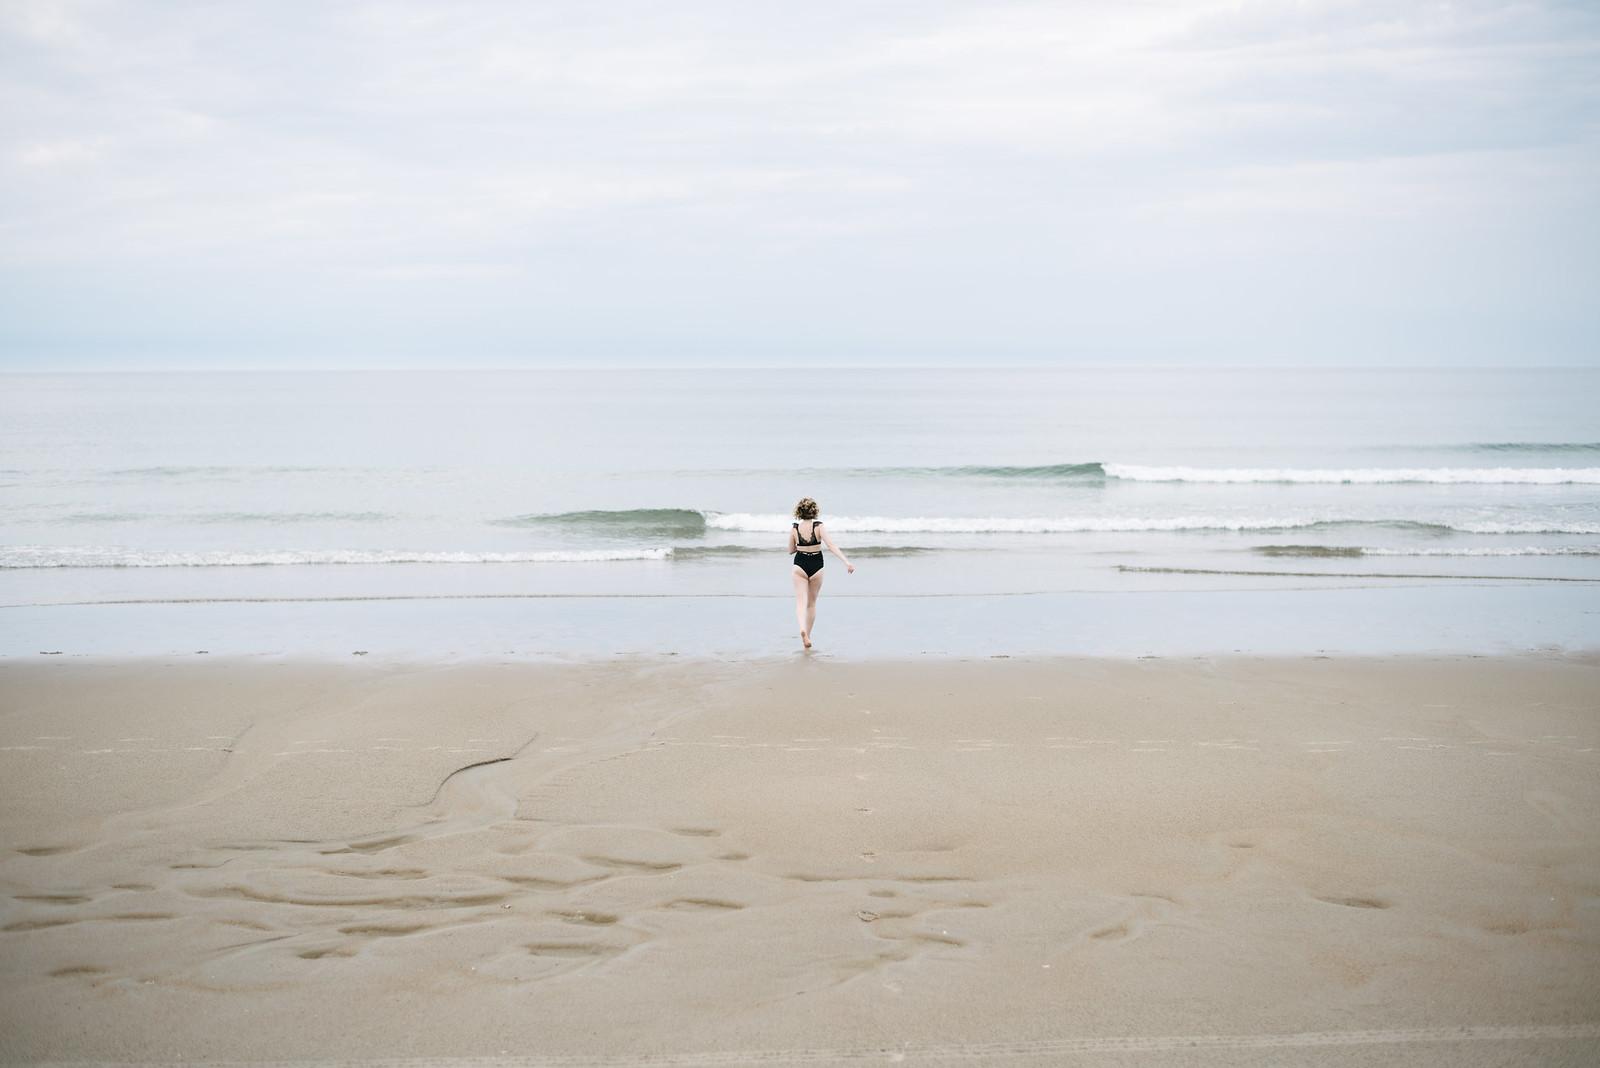 Beaching on juliettelaura.blogspot.com